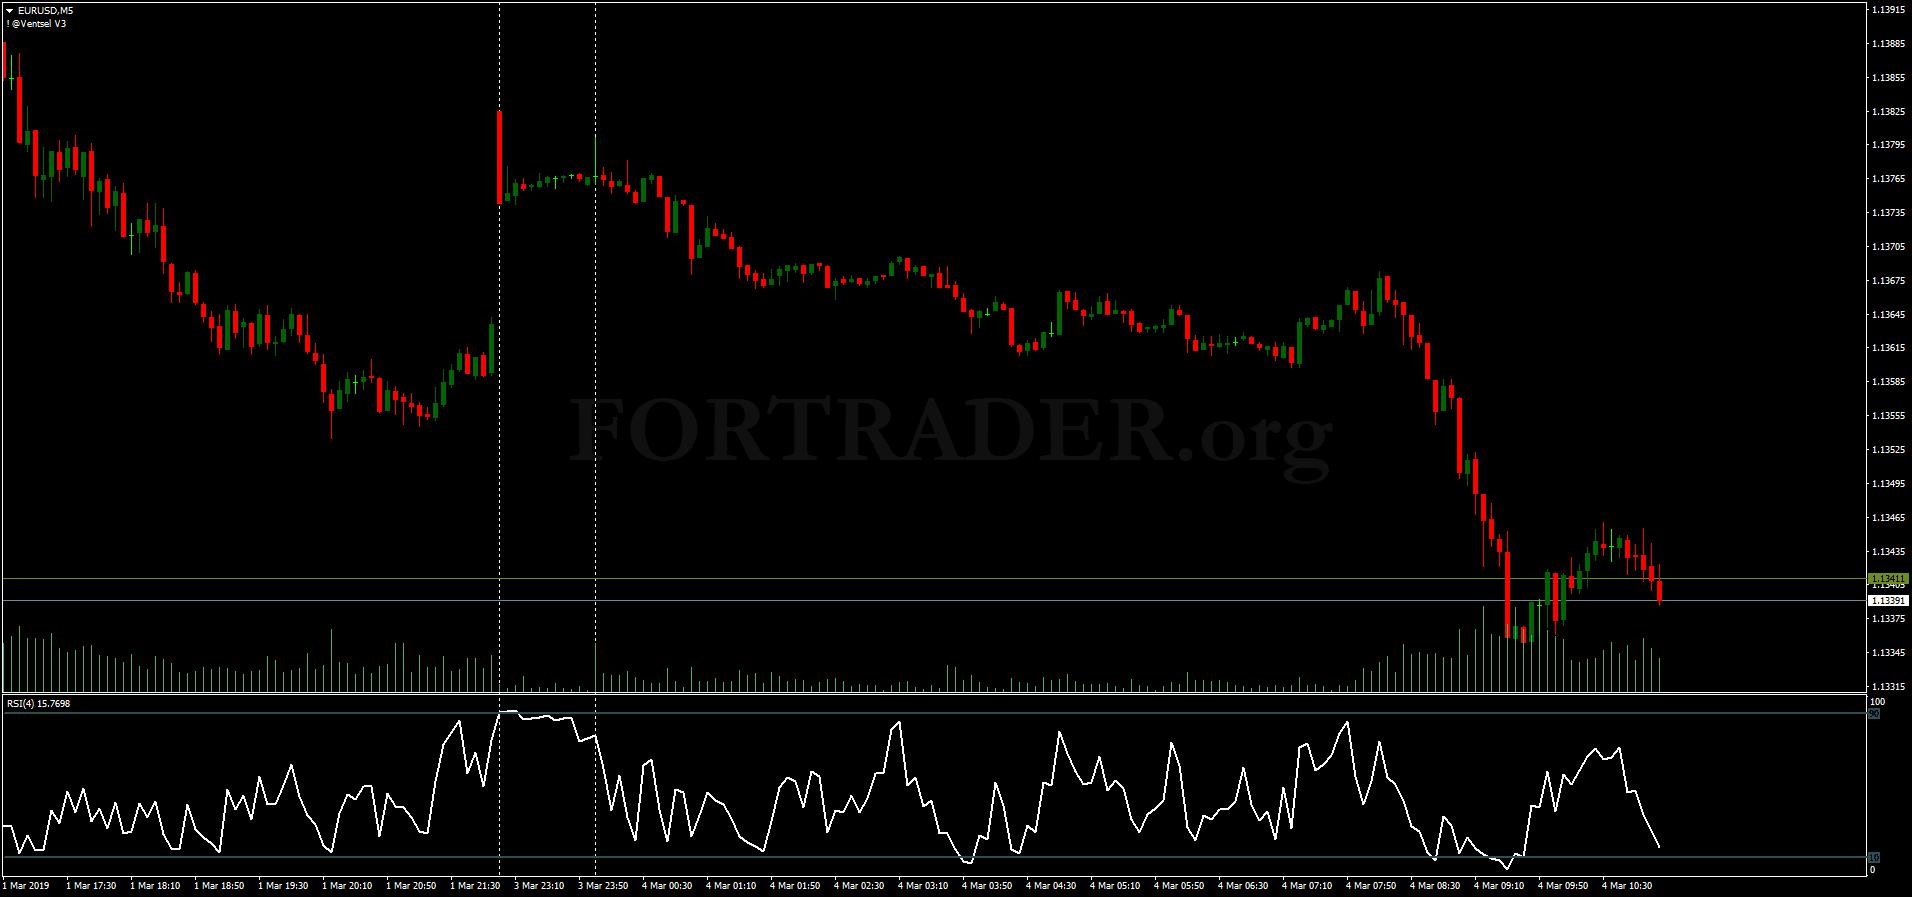 akcijų pasirinkimo sandorių prekybos sąrašas